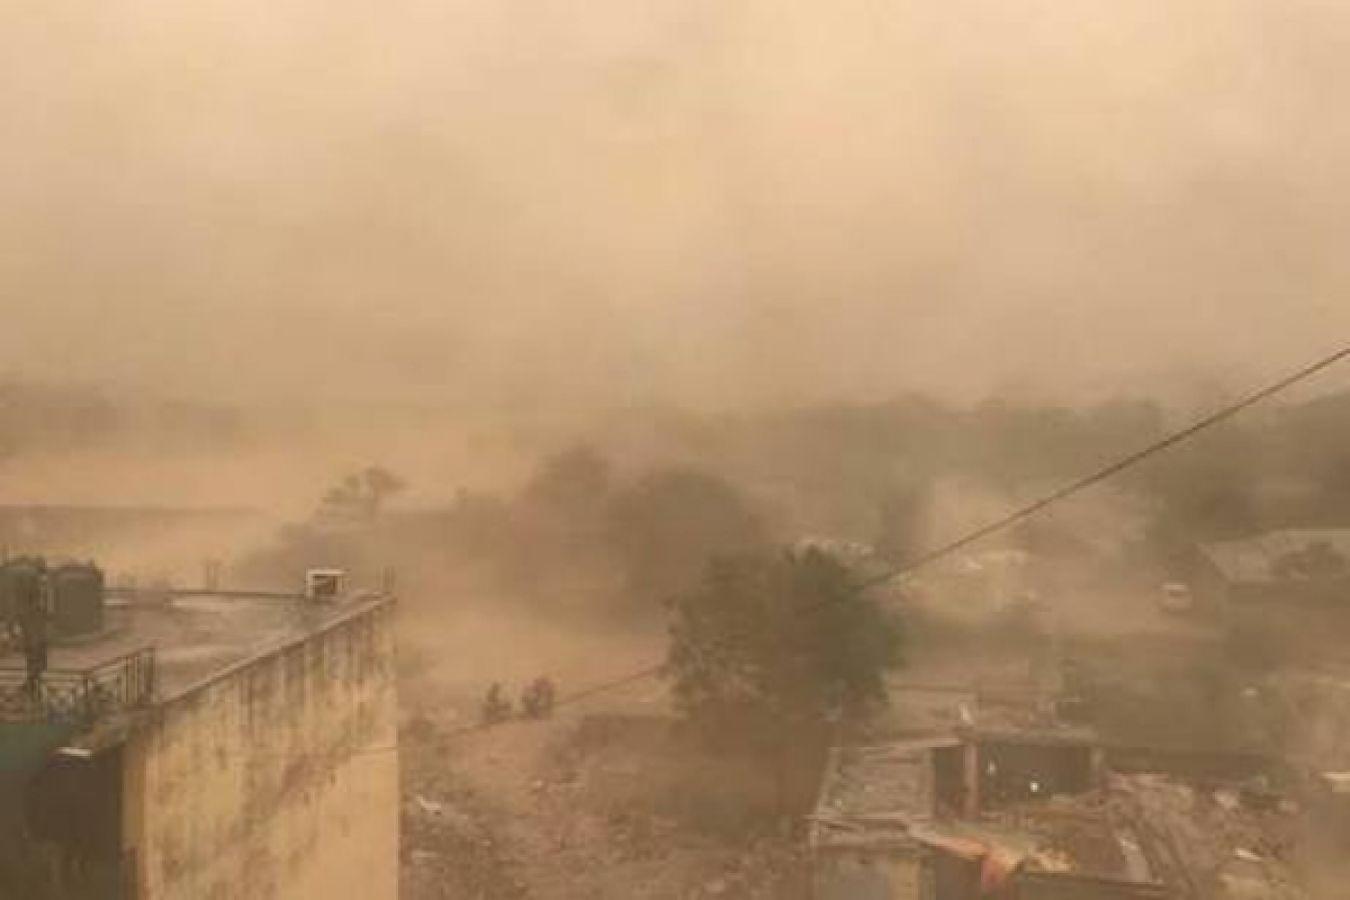 जानलेवा मौसम ने देशभर में मचाई तबाही, कई लोगों की मौत